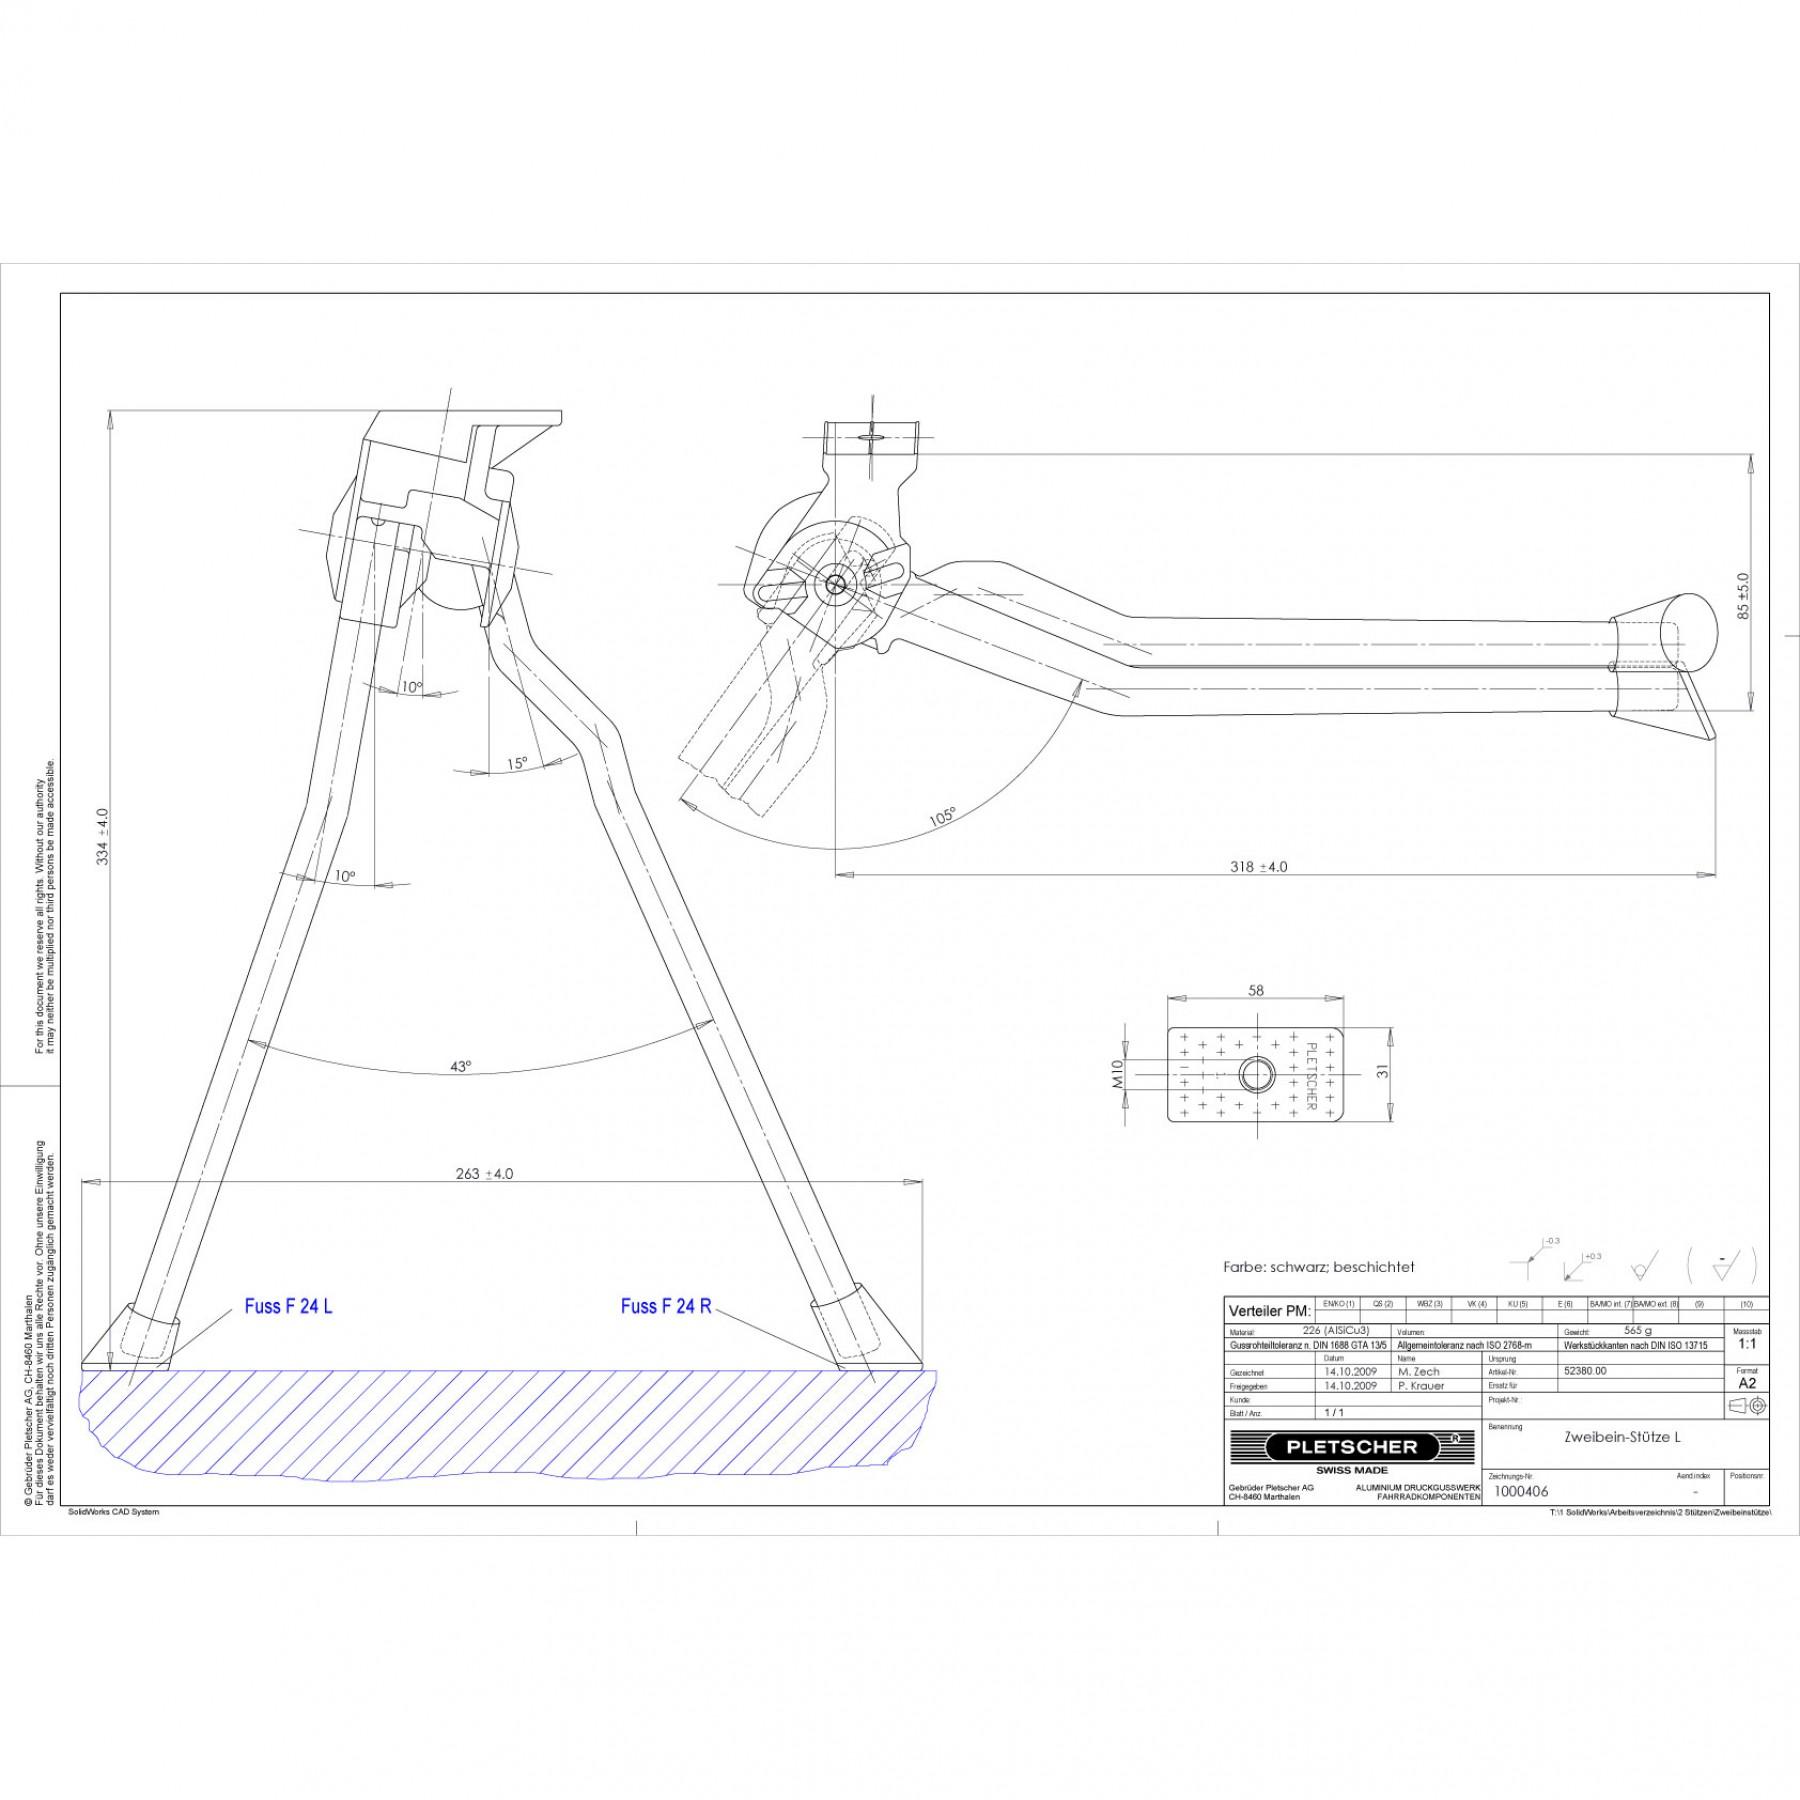 Pletscher Double Leg Kickstands